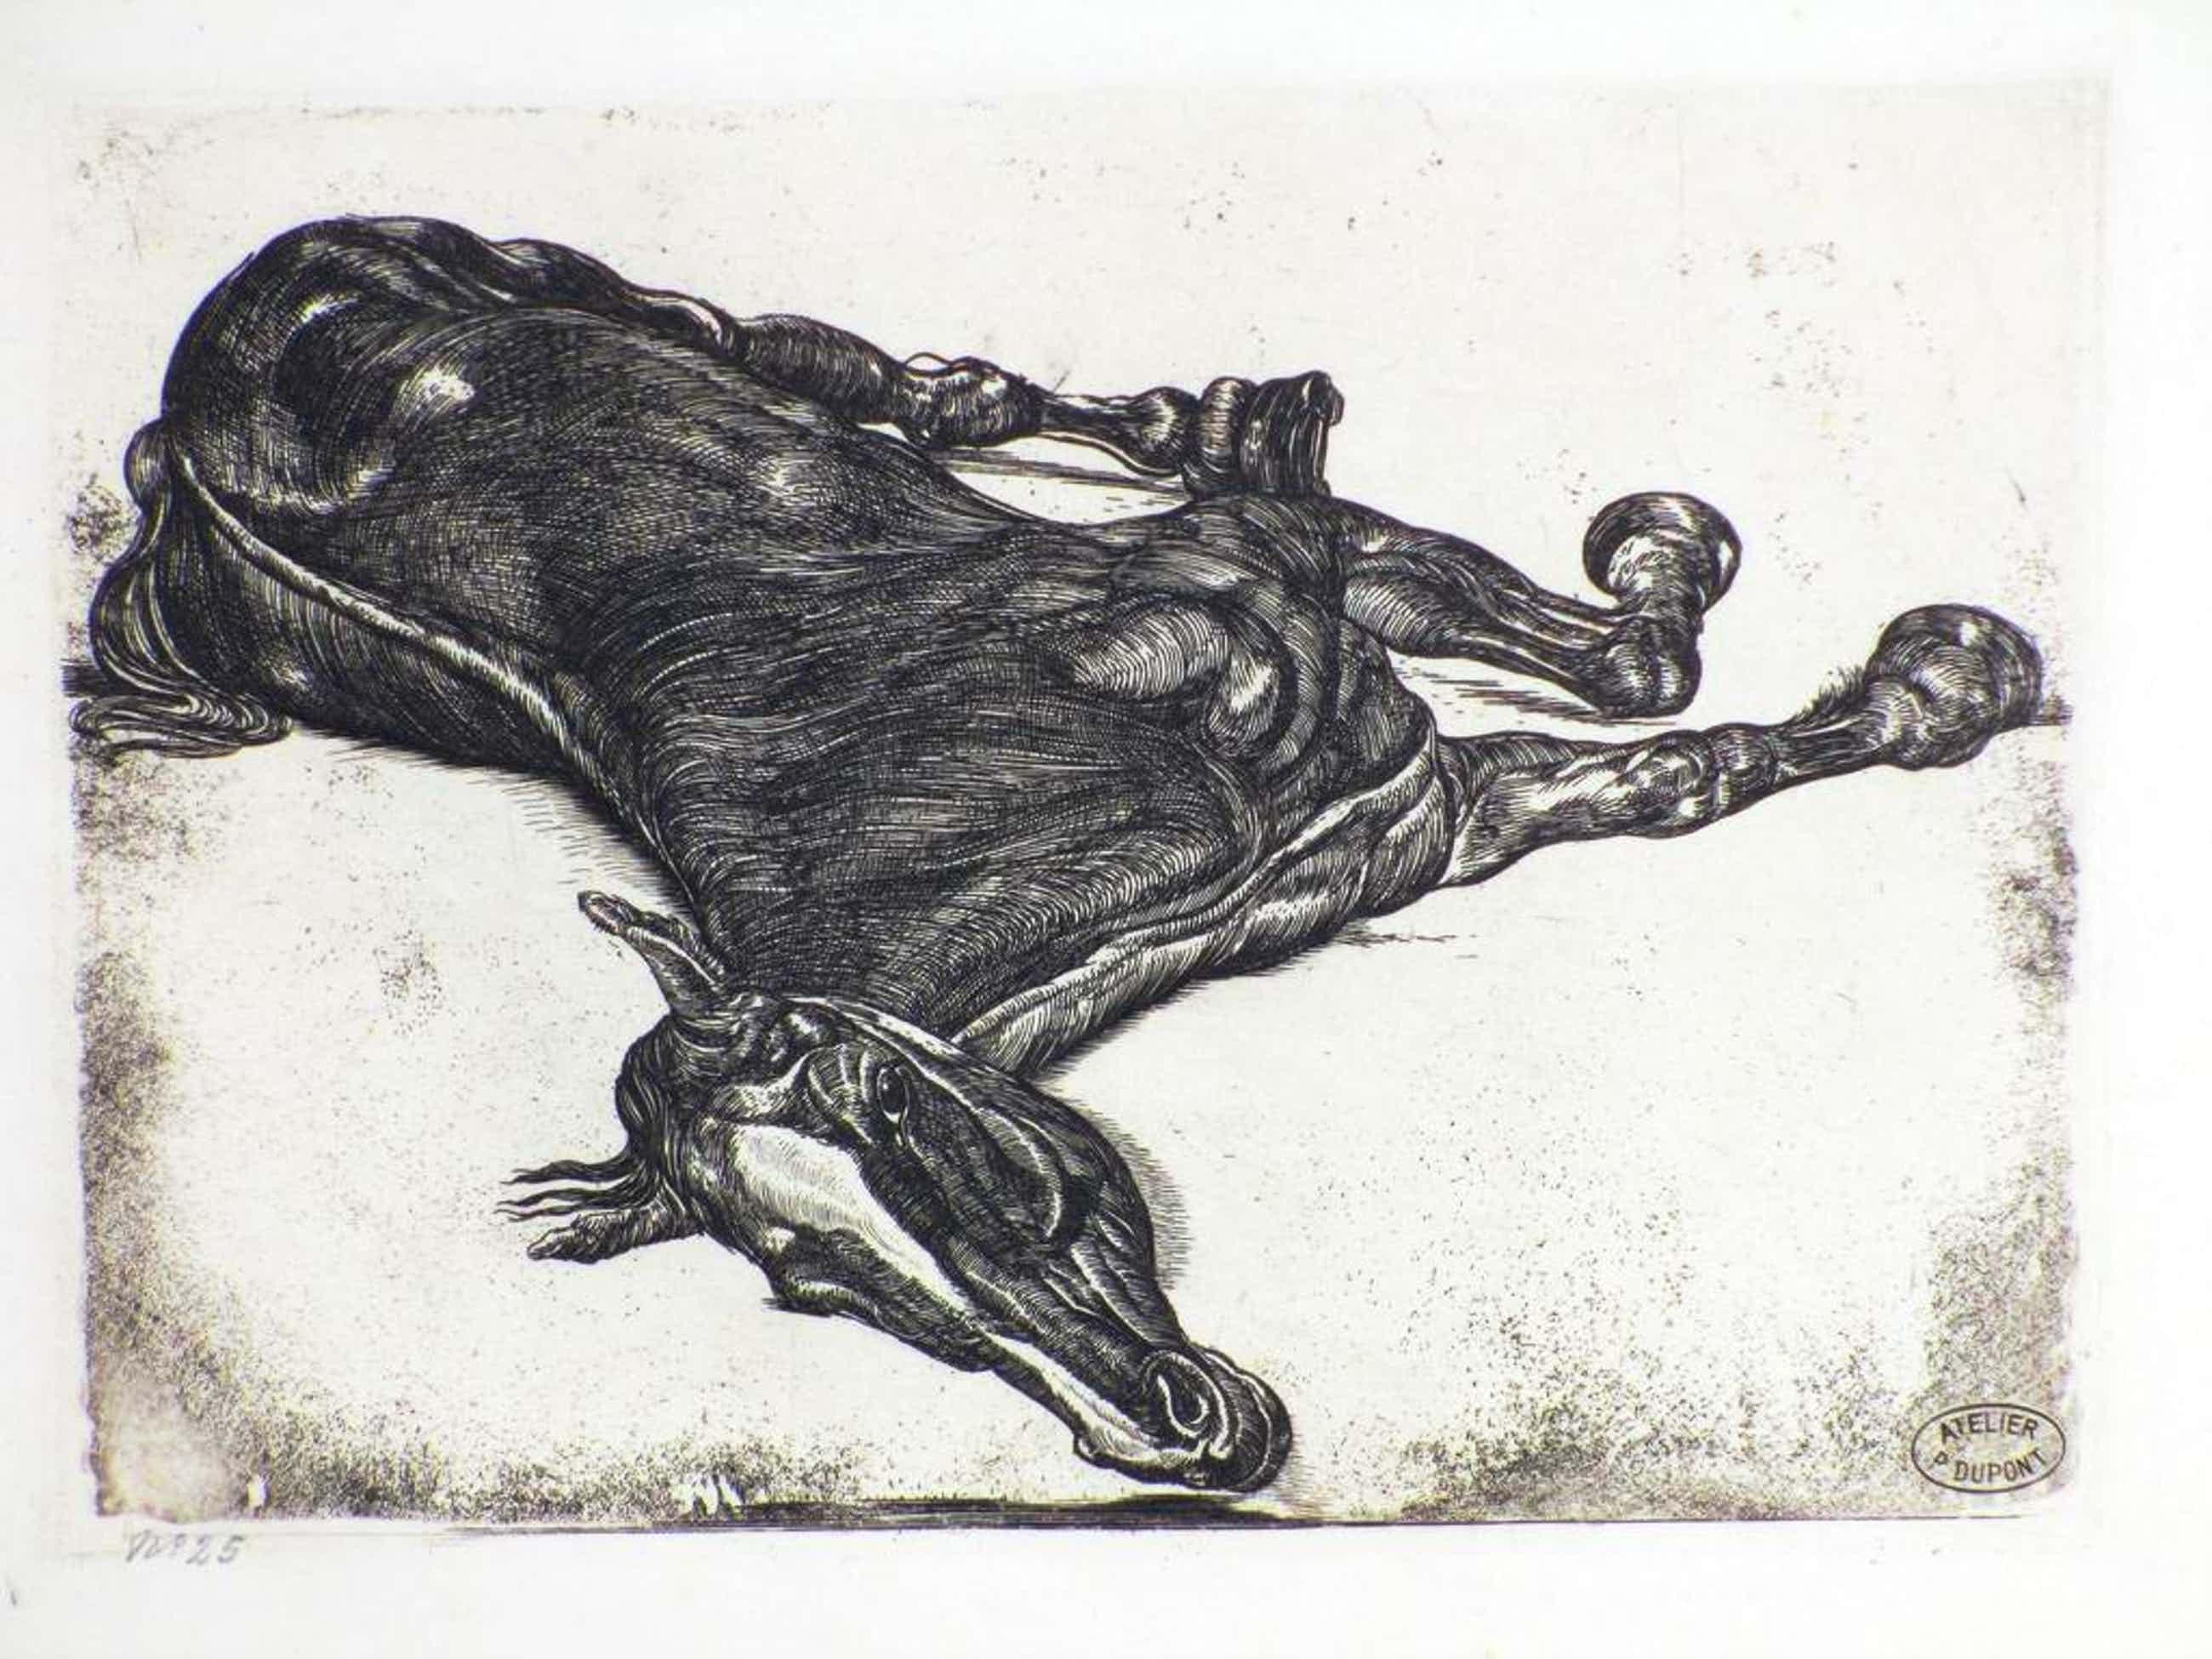 Pieter Dupont, Het doode paard, Ets op koper kopen? Bied vanaf 115!